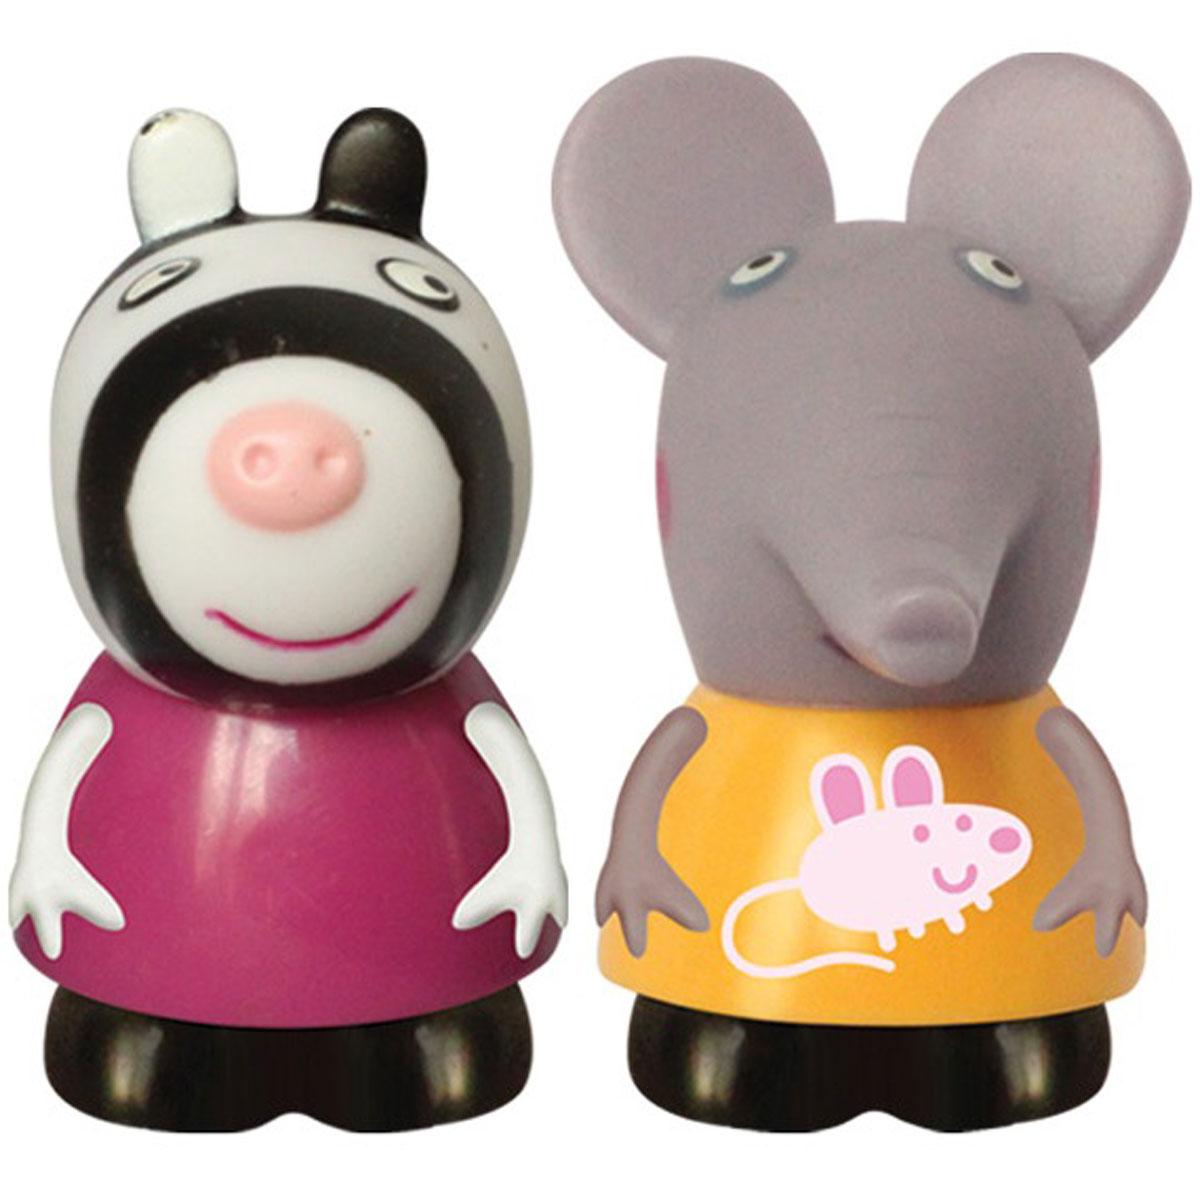 Peppa Pig Игровой набор Эмили и Зои27131Игровой набор Peppa Pig Эмили и Зои непременно понравится вашему ребенку и займет его внимание надолго. Набор включает две фигурки: слоненка Эмили и зебру Зои. Фигурки выполнены из мягкого пластизоля. Ваш ребенок будет с удовольствием играть с этим набором, придумывая различные истории и составляя собственные сюжеты. Пеппа - симпатичная маленькая свинка, которая живет вместе со своими Мамой Свинкой, Папой Свином и маленьким братиком Джорджем. Пеппа обожает играть, наряжаться, бывать в новых местах и заводить новые знакомства, но самое любимое занятие Пеппы - прыгать в грязных лужах. Герои мультфильма наделены частично качествами людей, частично качествами животных. Они ходят в одежде, живут в домах, ездят на машинах, ходят на работу и в театр. Дети отмечают дни рождения, играют в парках, катаются на катках и занимаются всем, что присуще людям. В то же время свинки постоянно хрюкают, овечки блеют, а кошки мяукают. Игровой набор Peppa Pig Эмили и Зои станет отличным...